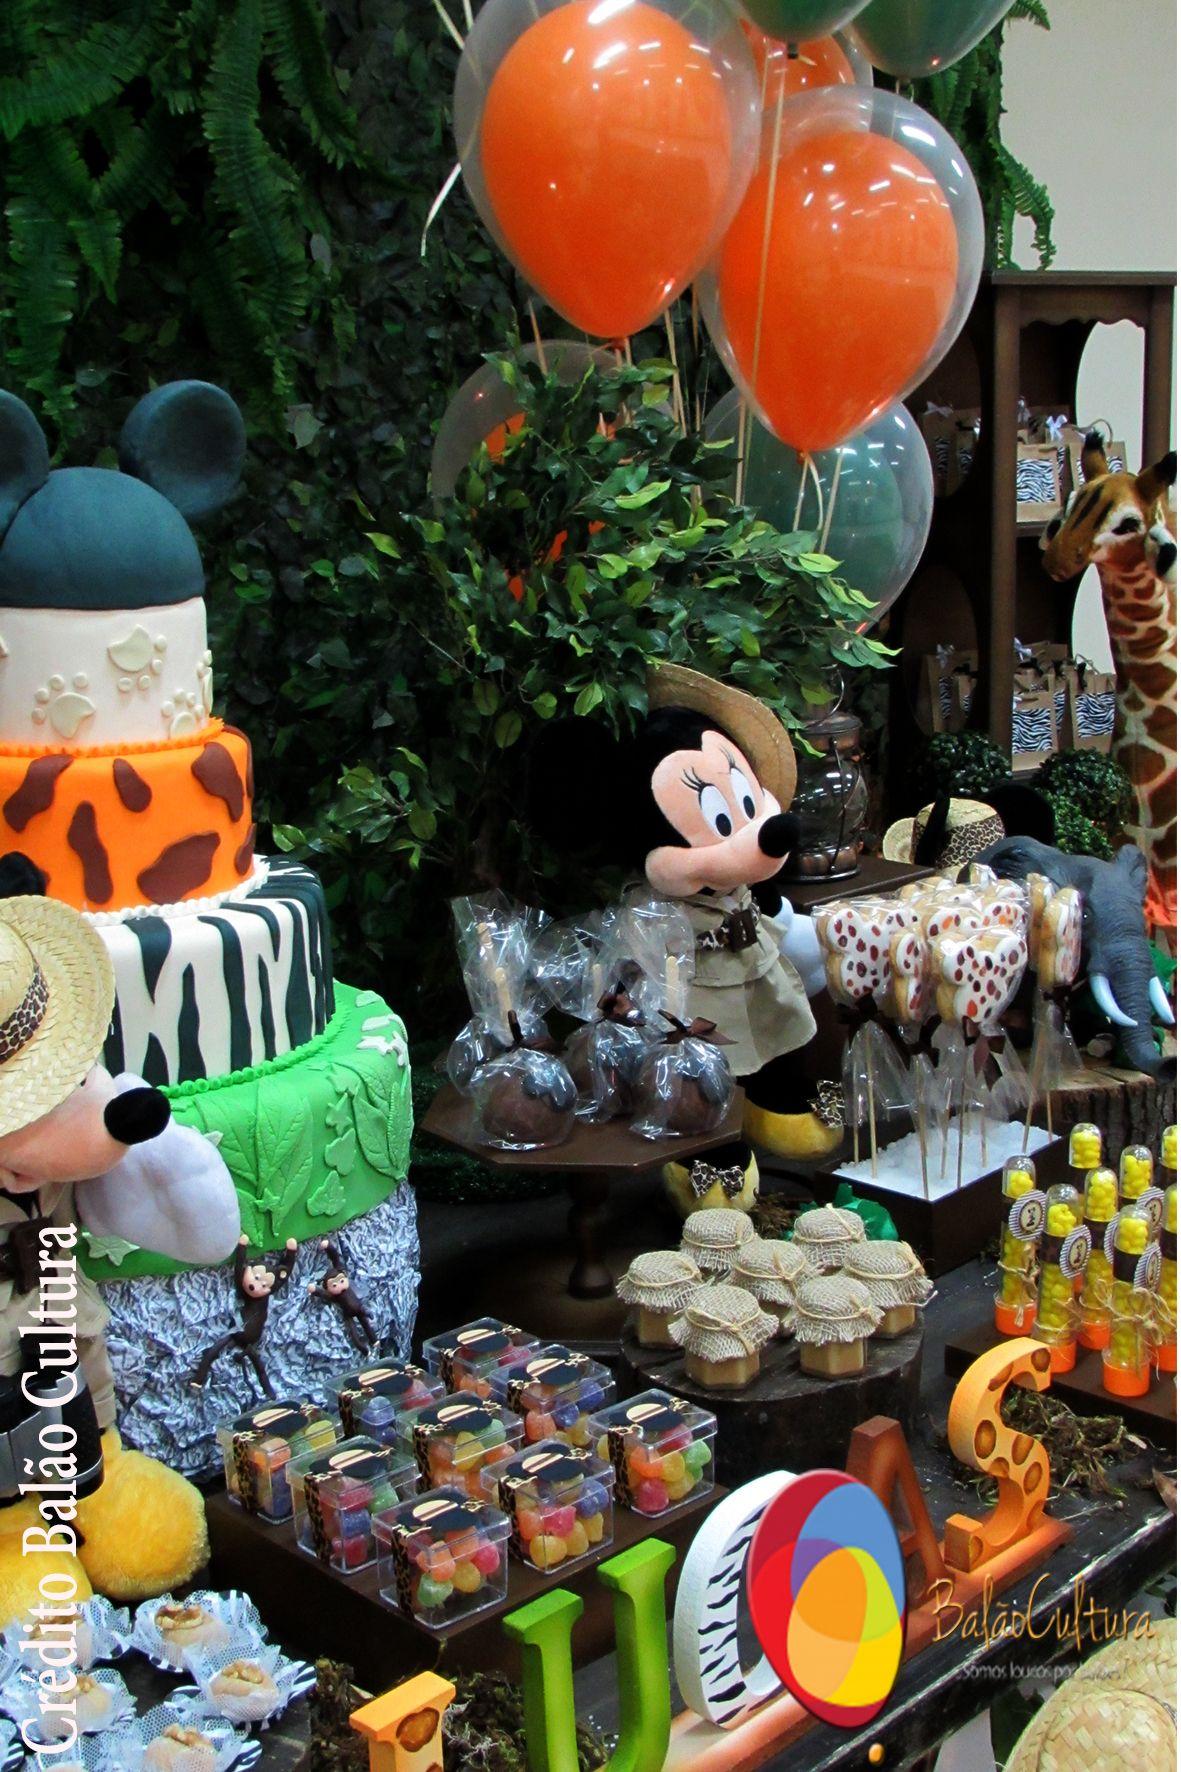 Decoração de mesa com balão duplo qualatex de 12 polegadas inflado com gás hélio, fixados em arranjo de flores. Créditos: Decoração de balões: Balão Cultura (www.balaocultura.com.br) Local: Buffet Catavento